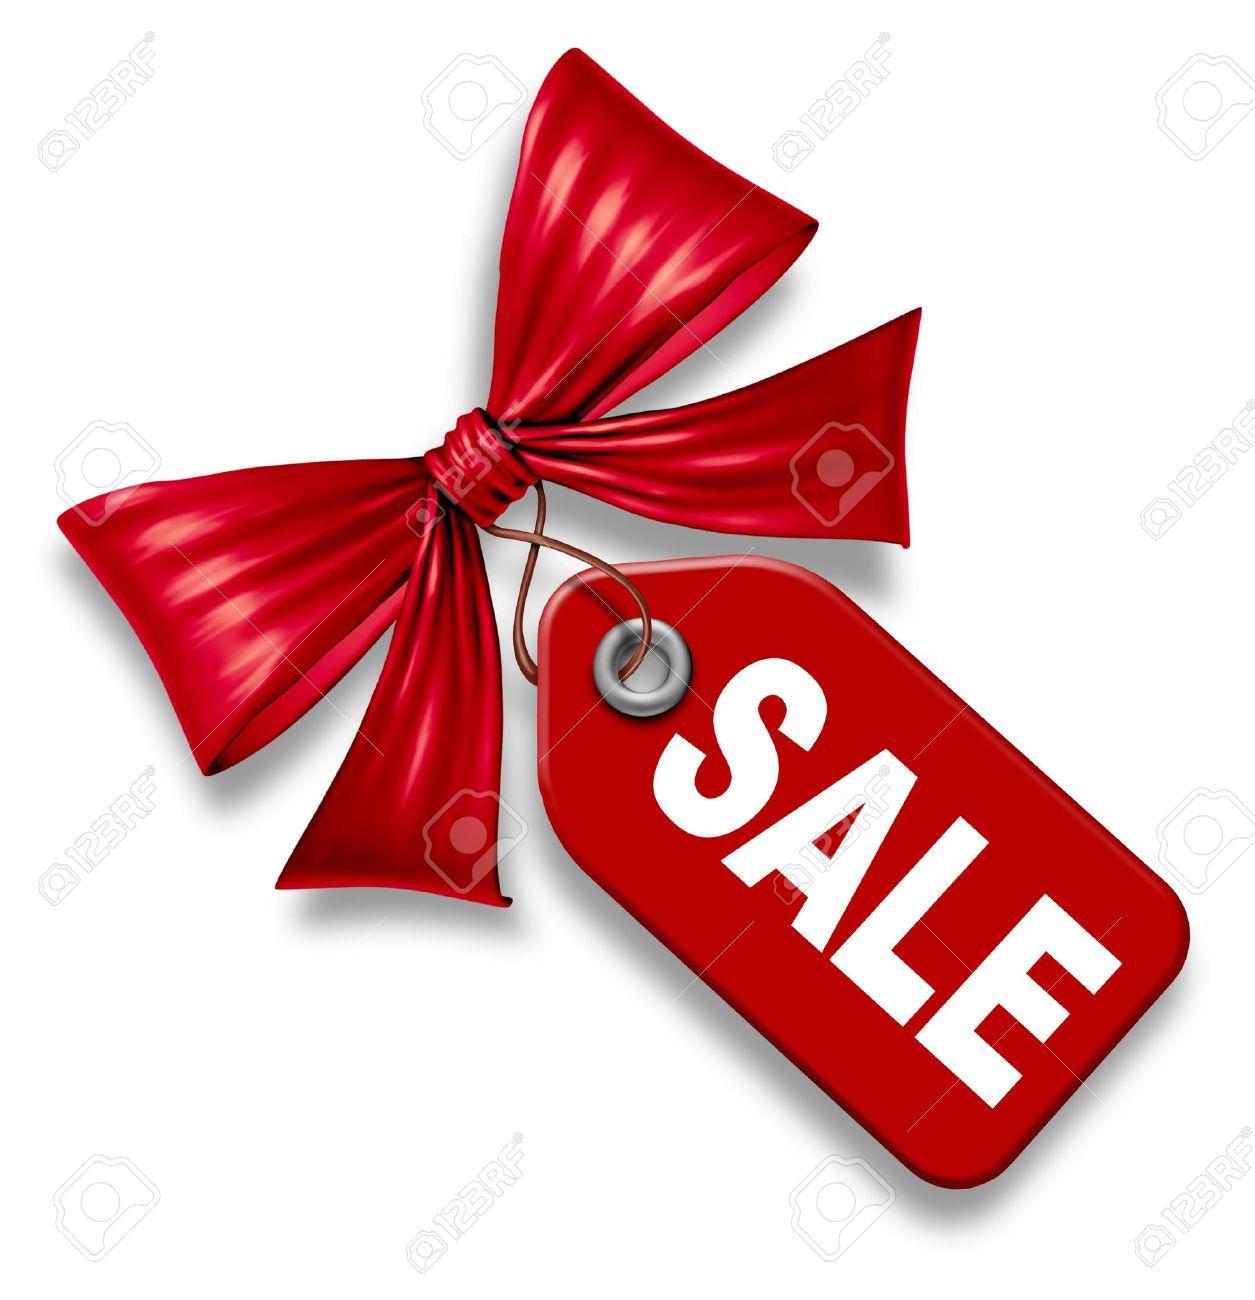 Nastri di seta vendita prezzo